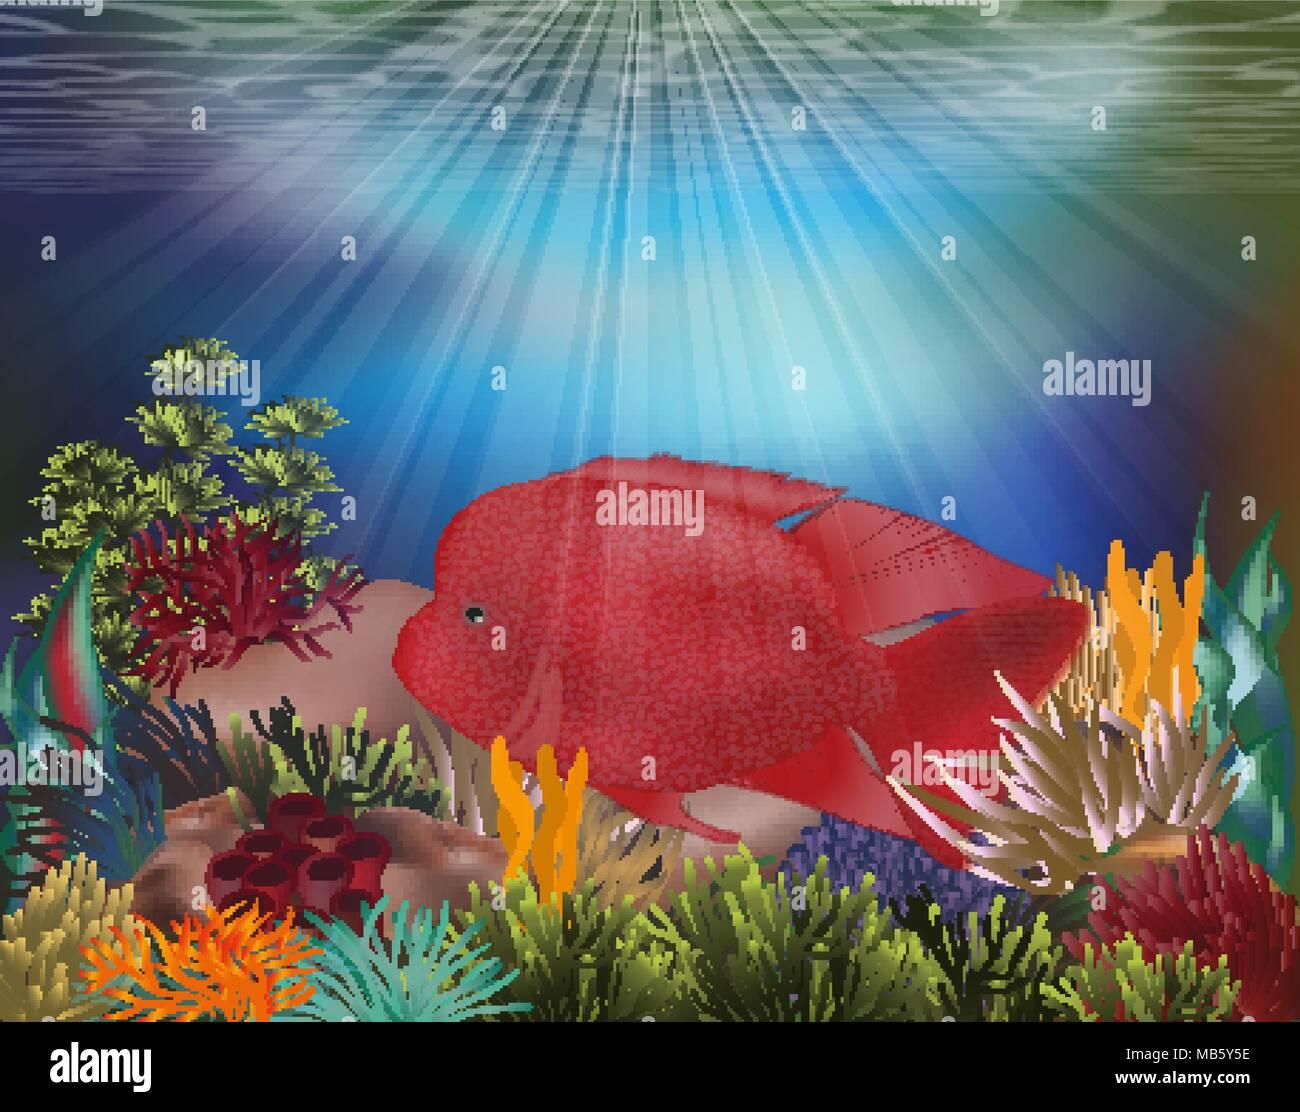 Parrotfish Illustration Stock Photos & Parrotfish Illustration Stock ...